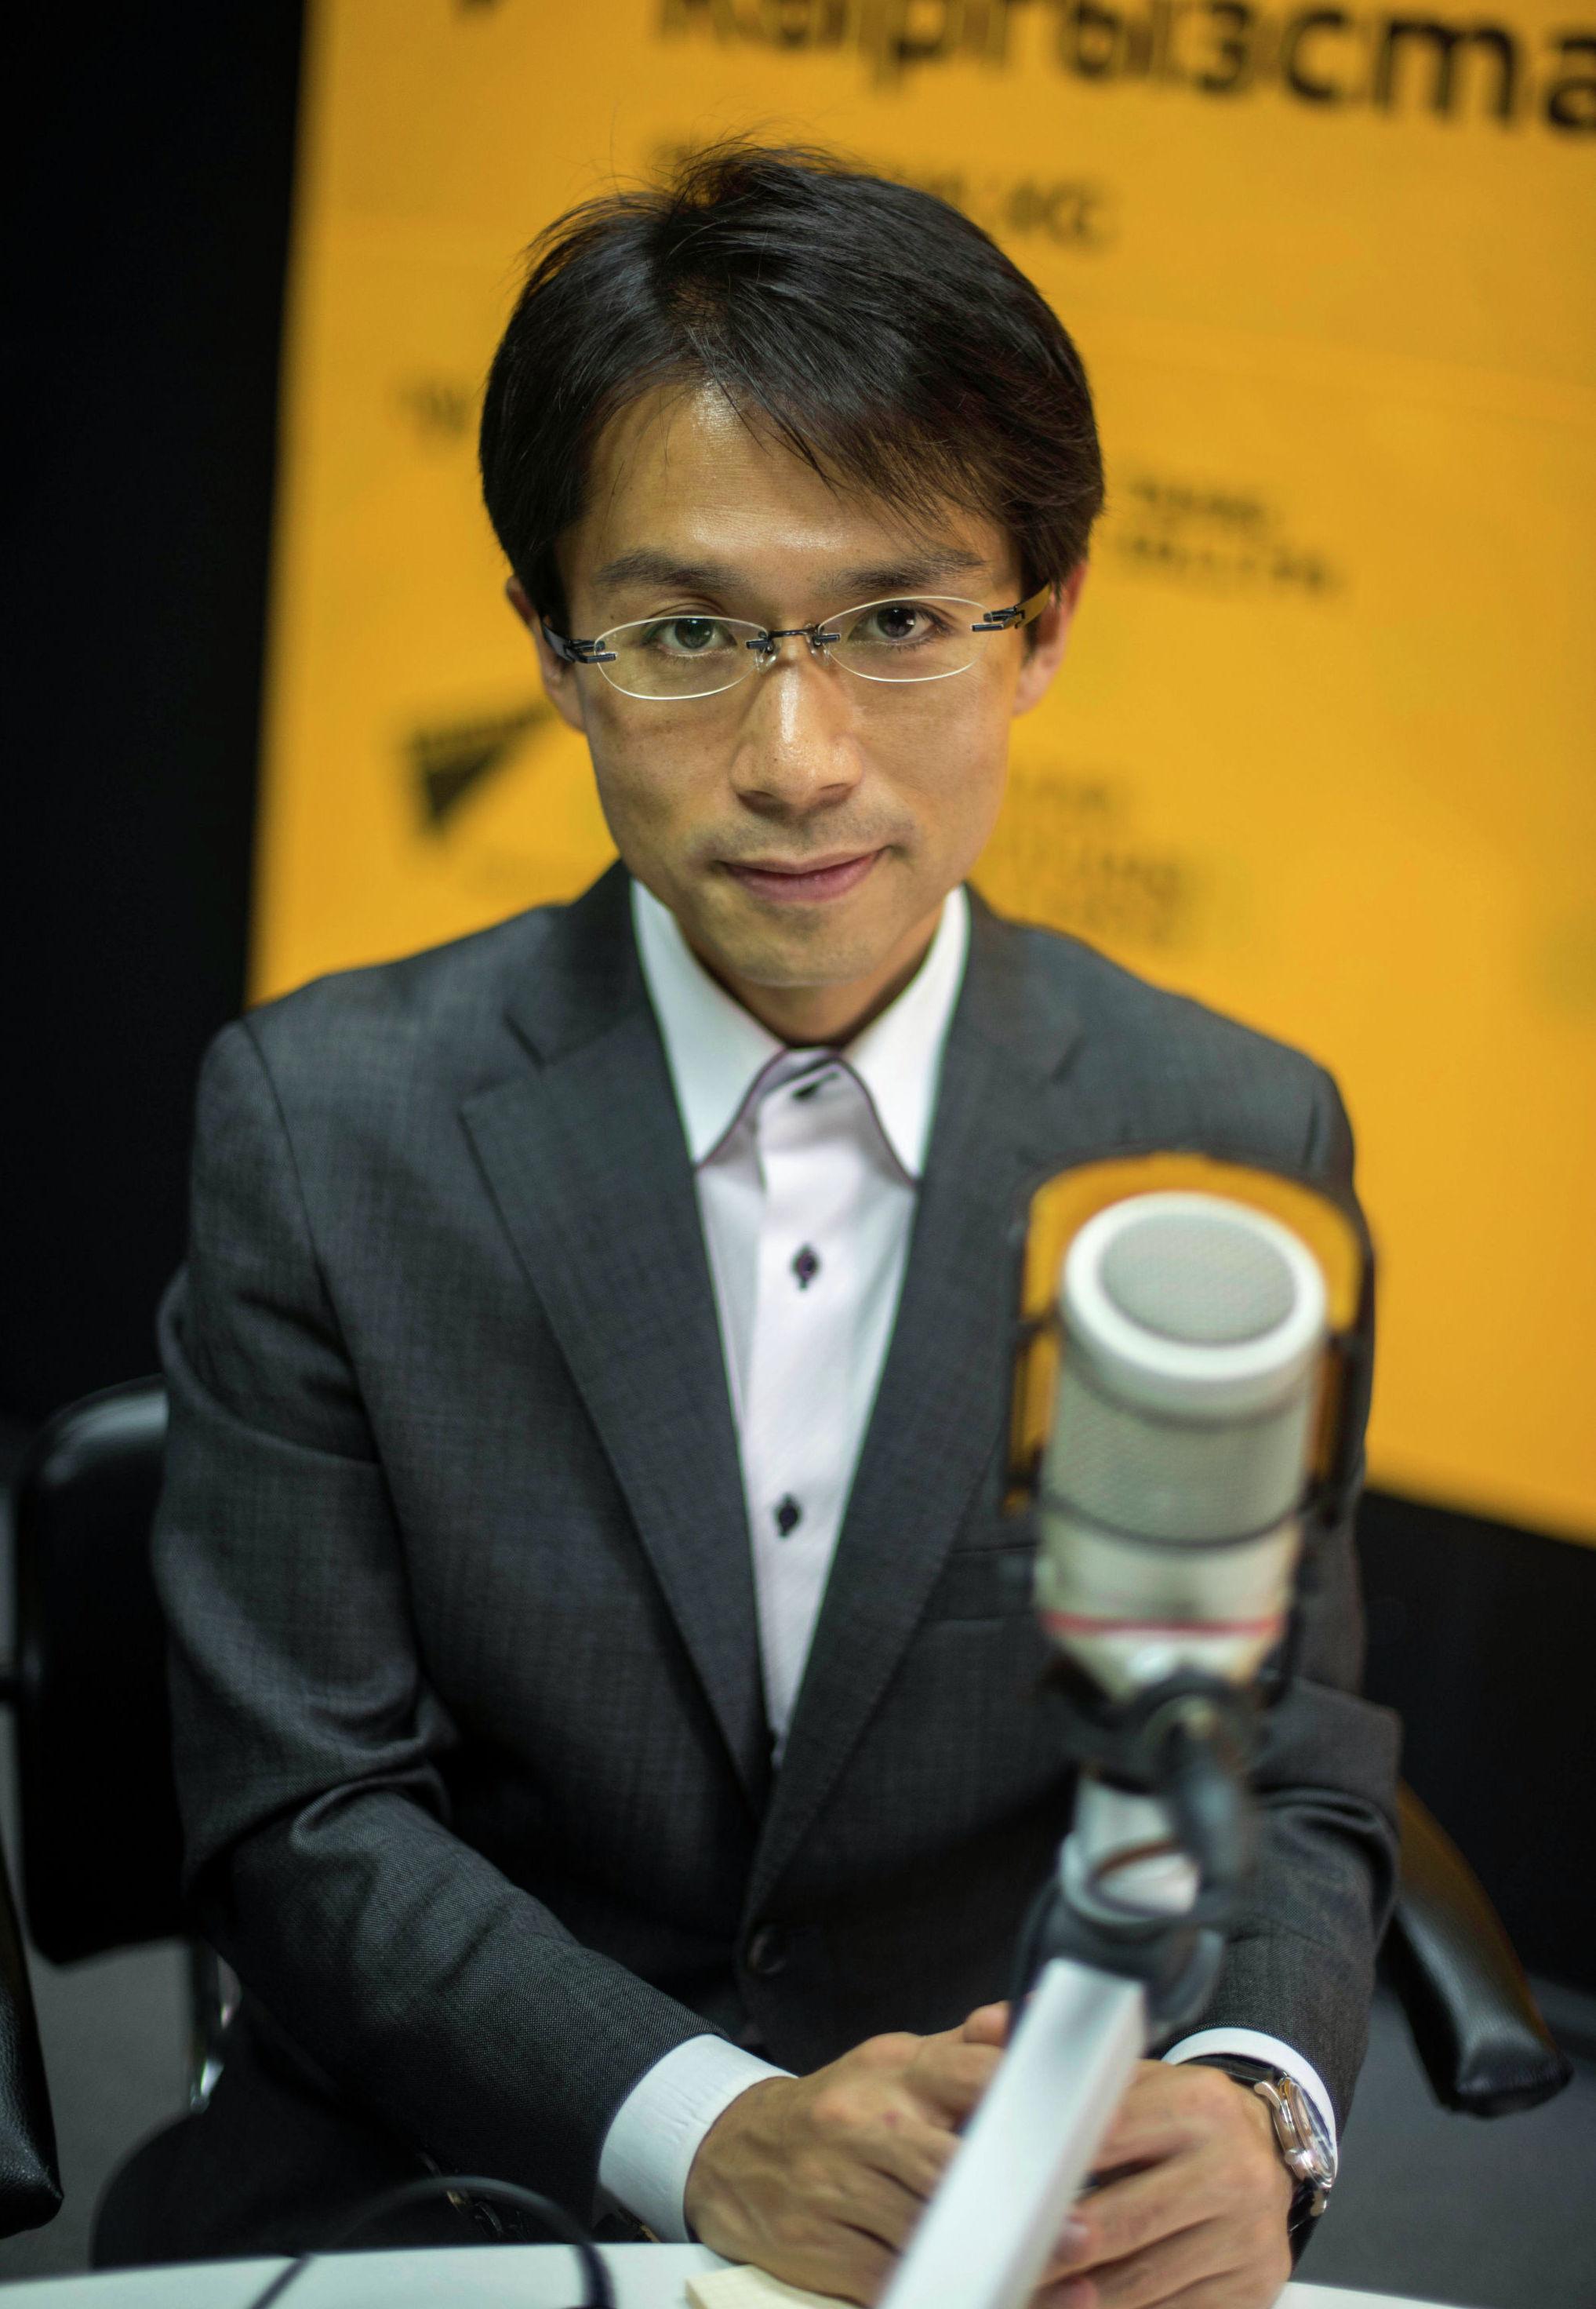 Научный сотрудник университета Васеда, ученый и историк Тэцу Акияма во время беседы на радио